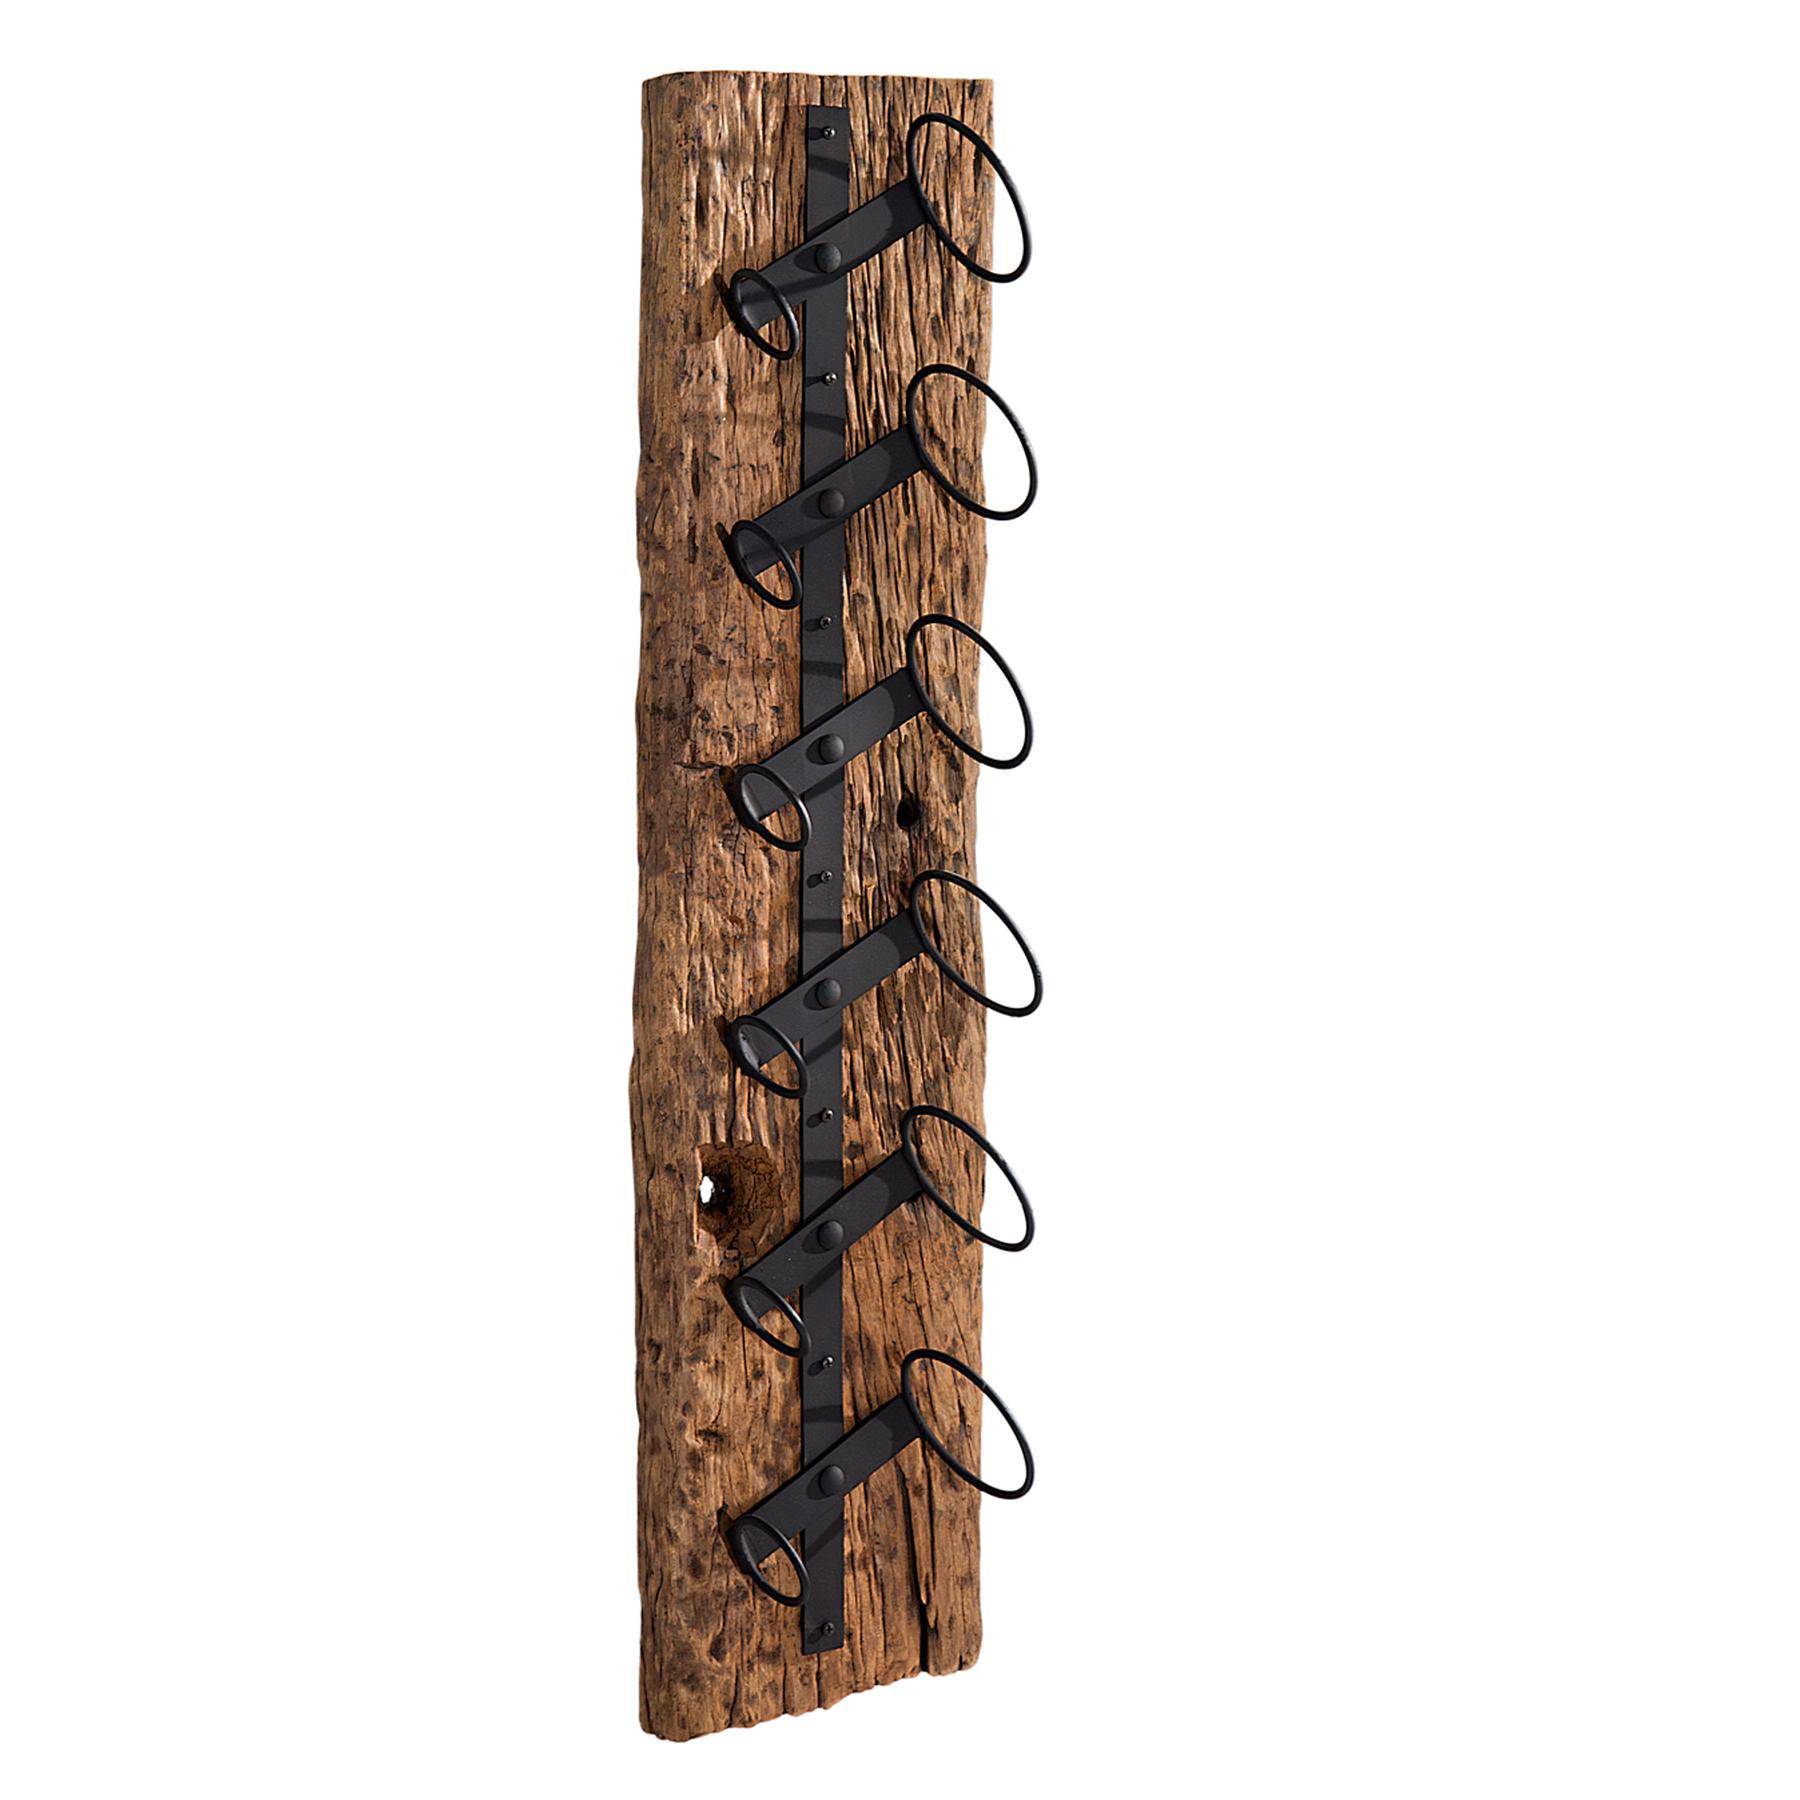 Full Size of Massives Wand Weinregal Barracuda Antik Teak Holz Real Wandsticker Küche Schlafzimmer Wandtattoo Massivholz Wandregal Wohnzimmer Wohnwand Altholz Esstisch Wohnzimmer Weinregal Holz Wand